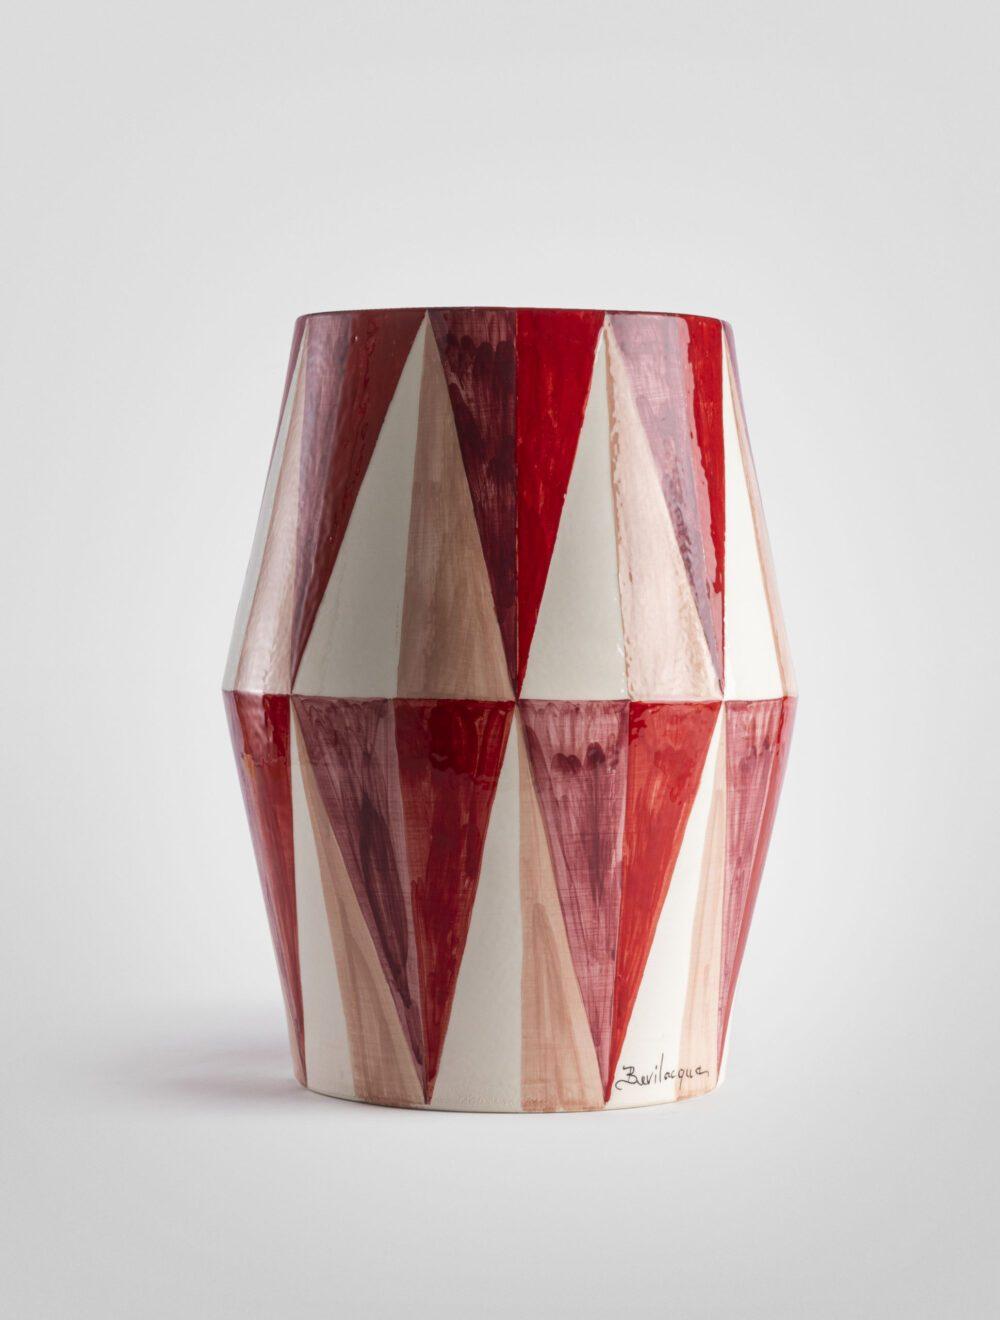 Lavico tavolo geometrico decoro a rombi lucido